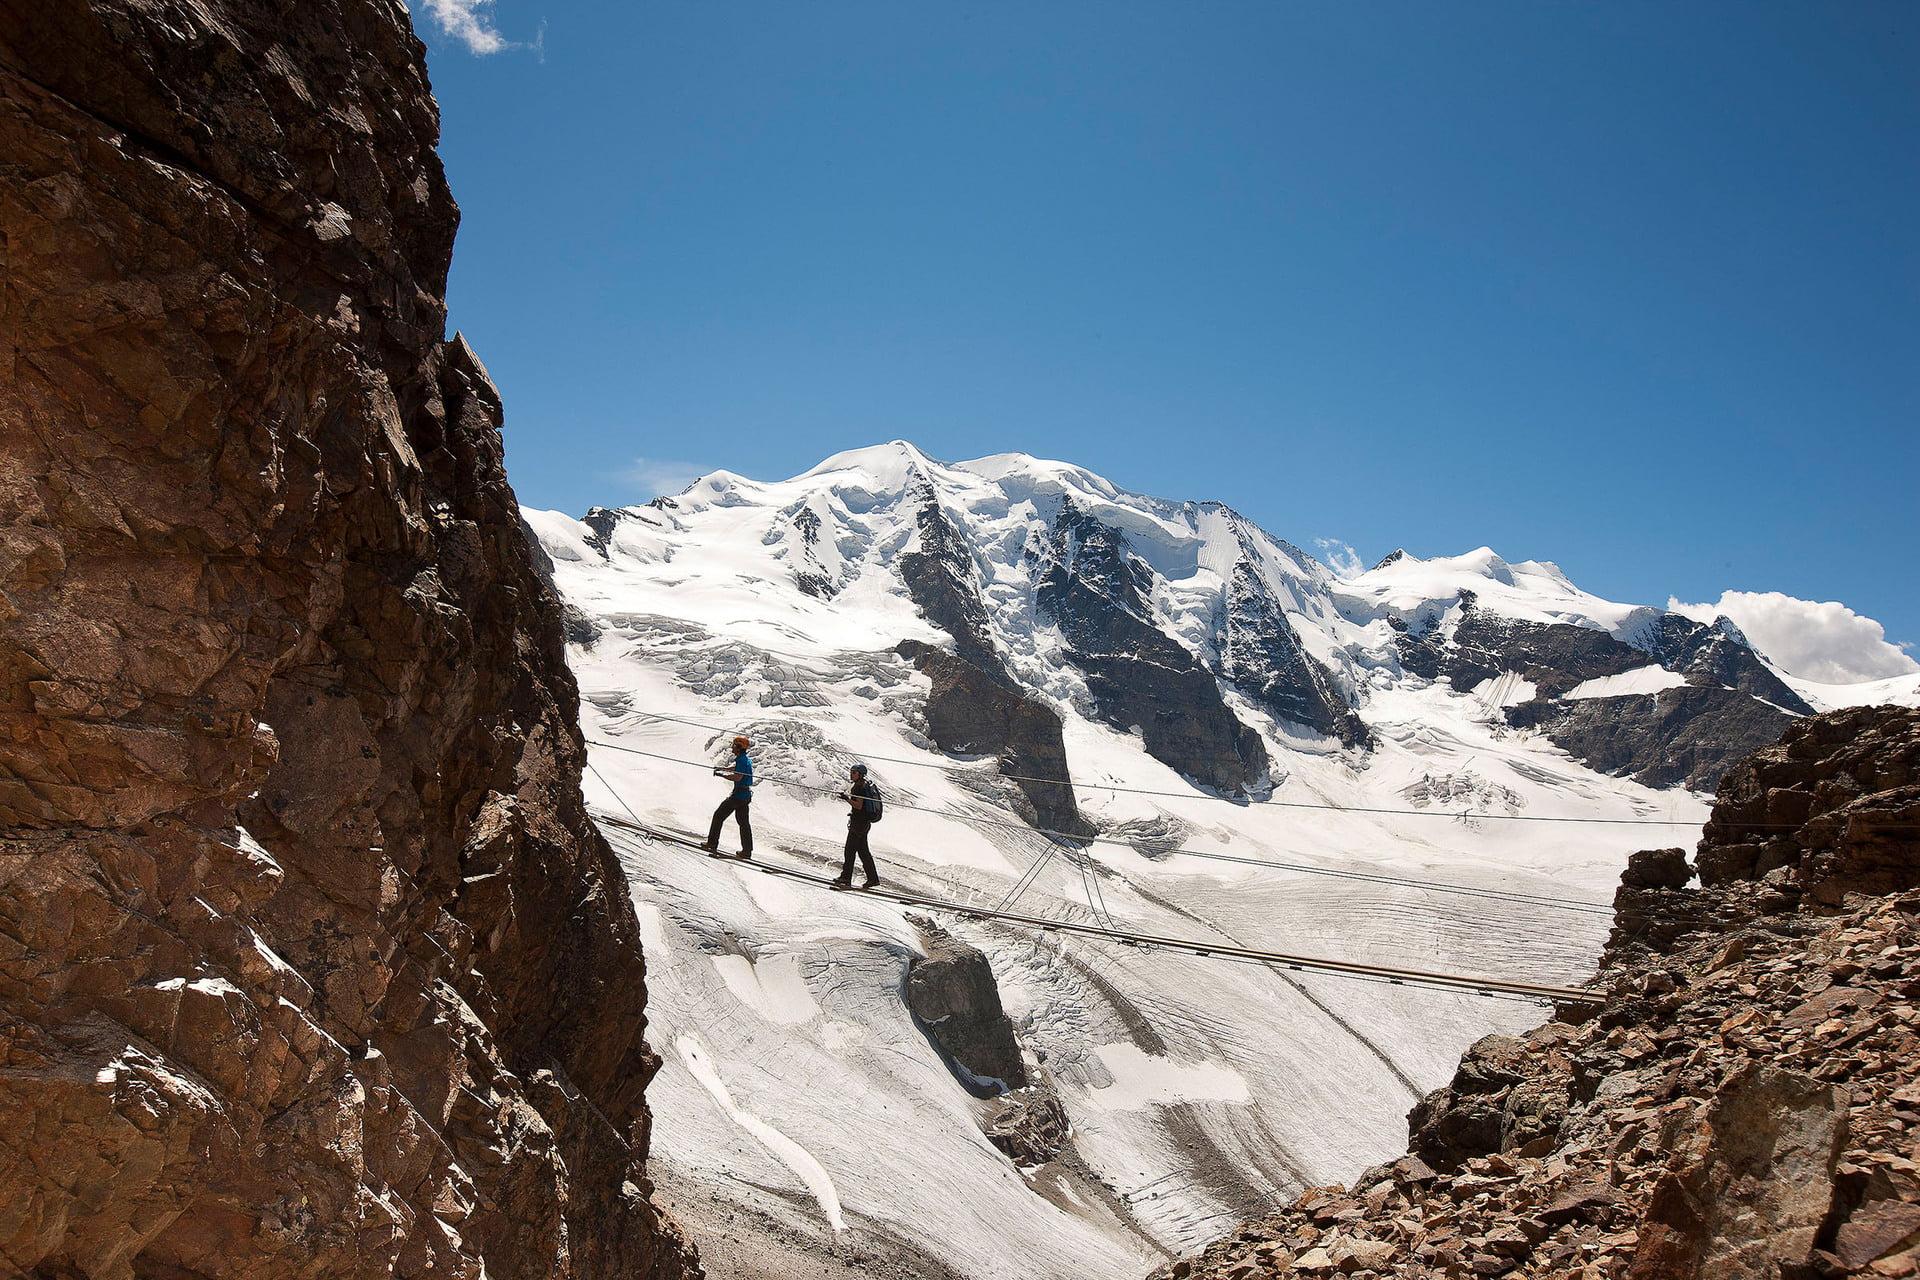 Klettersteig Piz Trovat : Klettersteig piz trovat i sommer in engadin st moritz